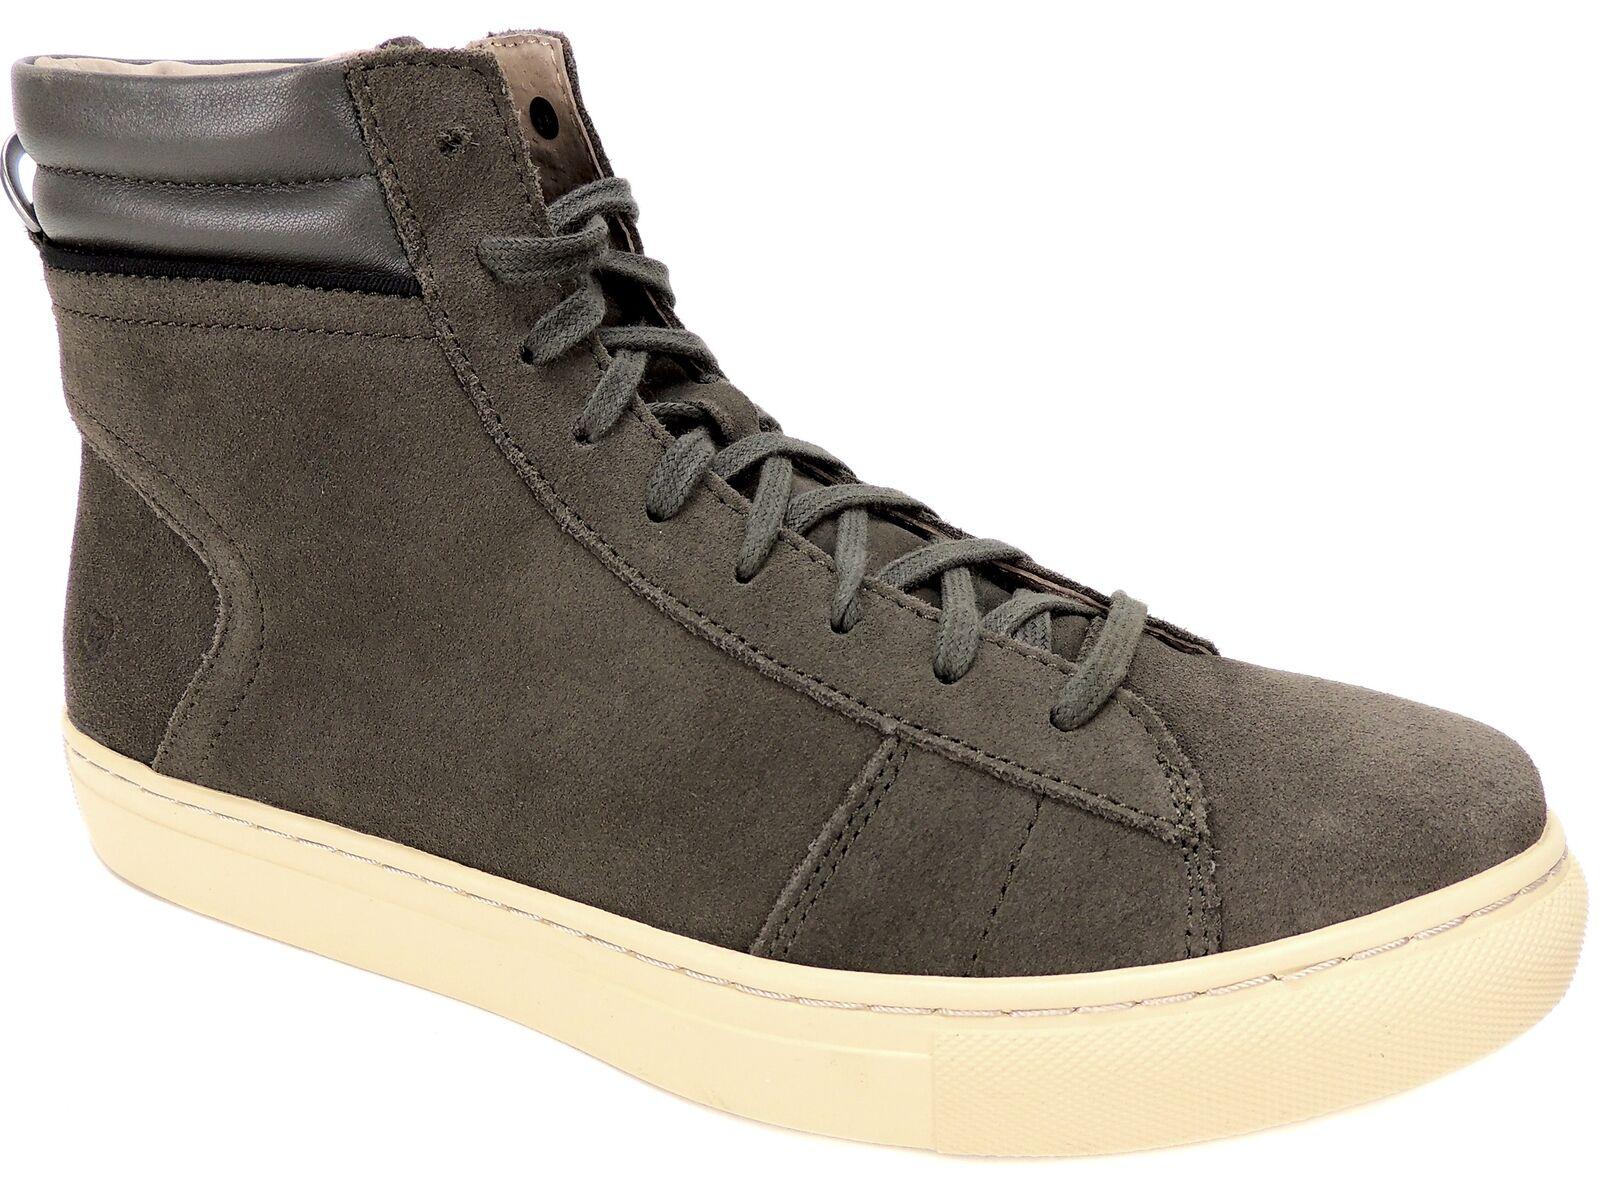 reputable site d5d3f 60075 Andrew Marc Uomo Remsen High-Top High-Top High-Top scarpe da ginnastica Gun  Cream Leather Dimensione 10 D 8eb5e1